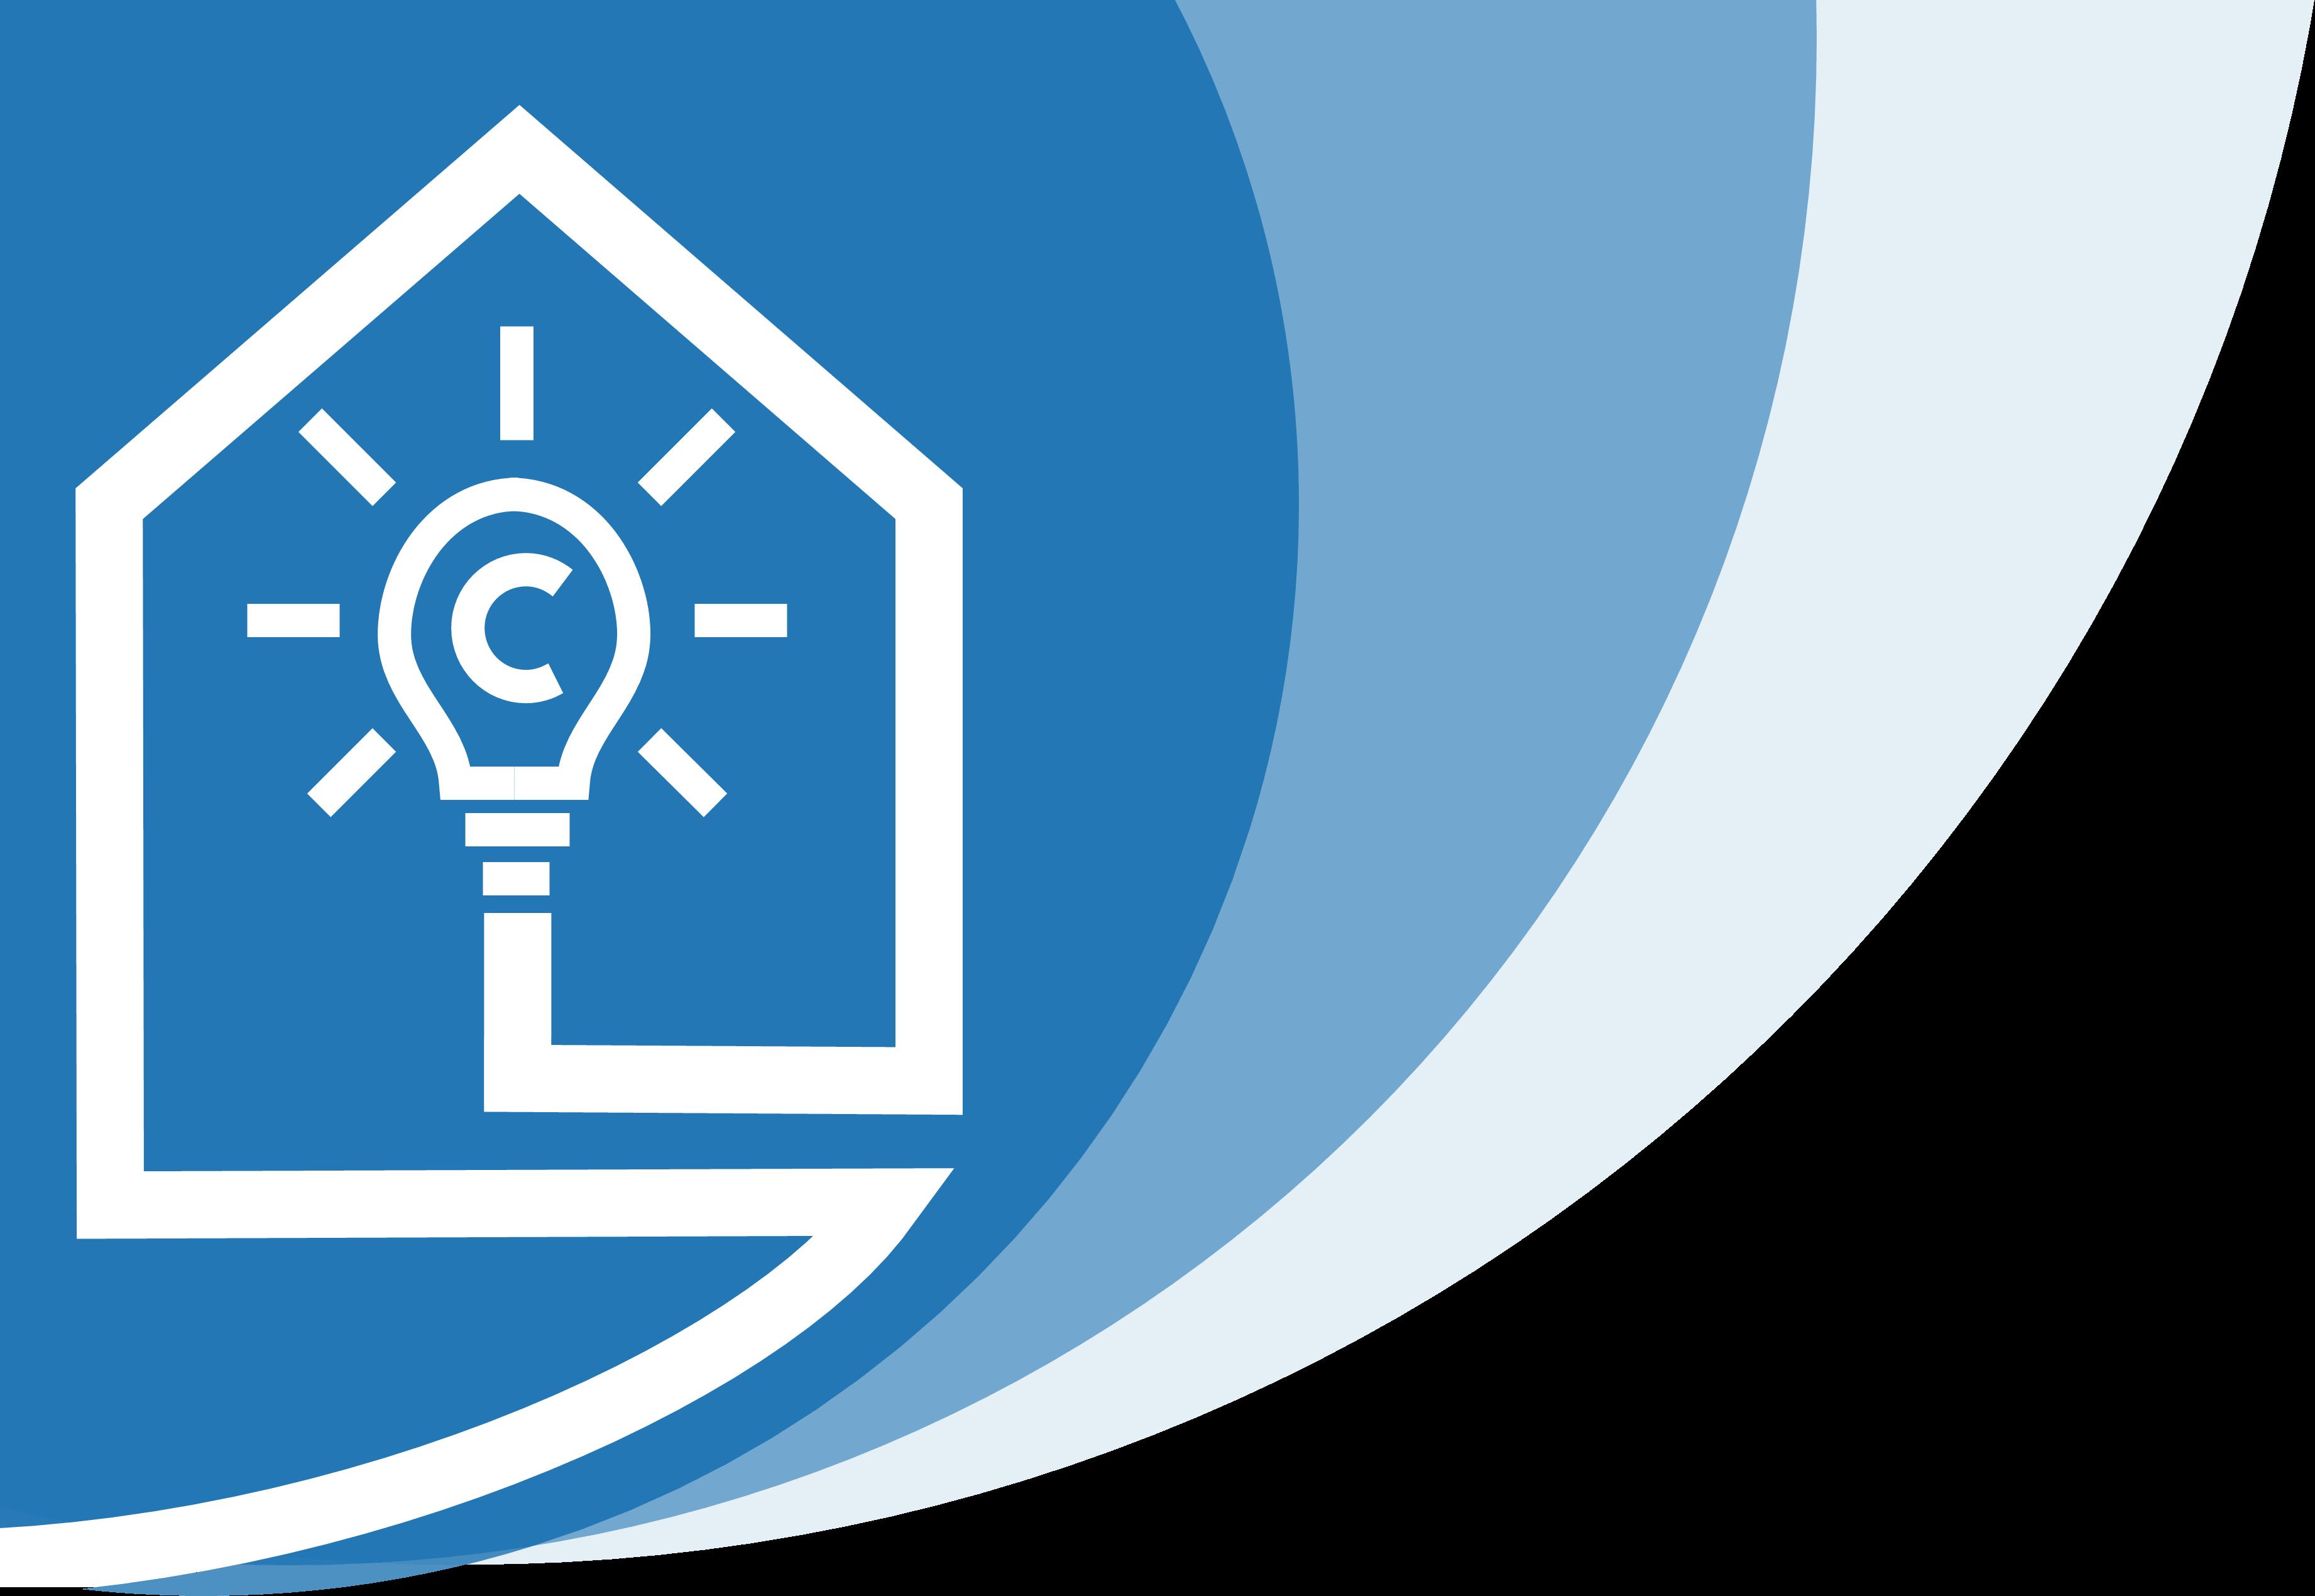 FMI - der Podcast über aktuelle Themen und Forschungsergebnisse rund um die Immobilie